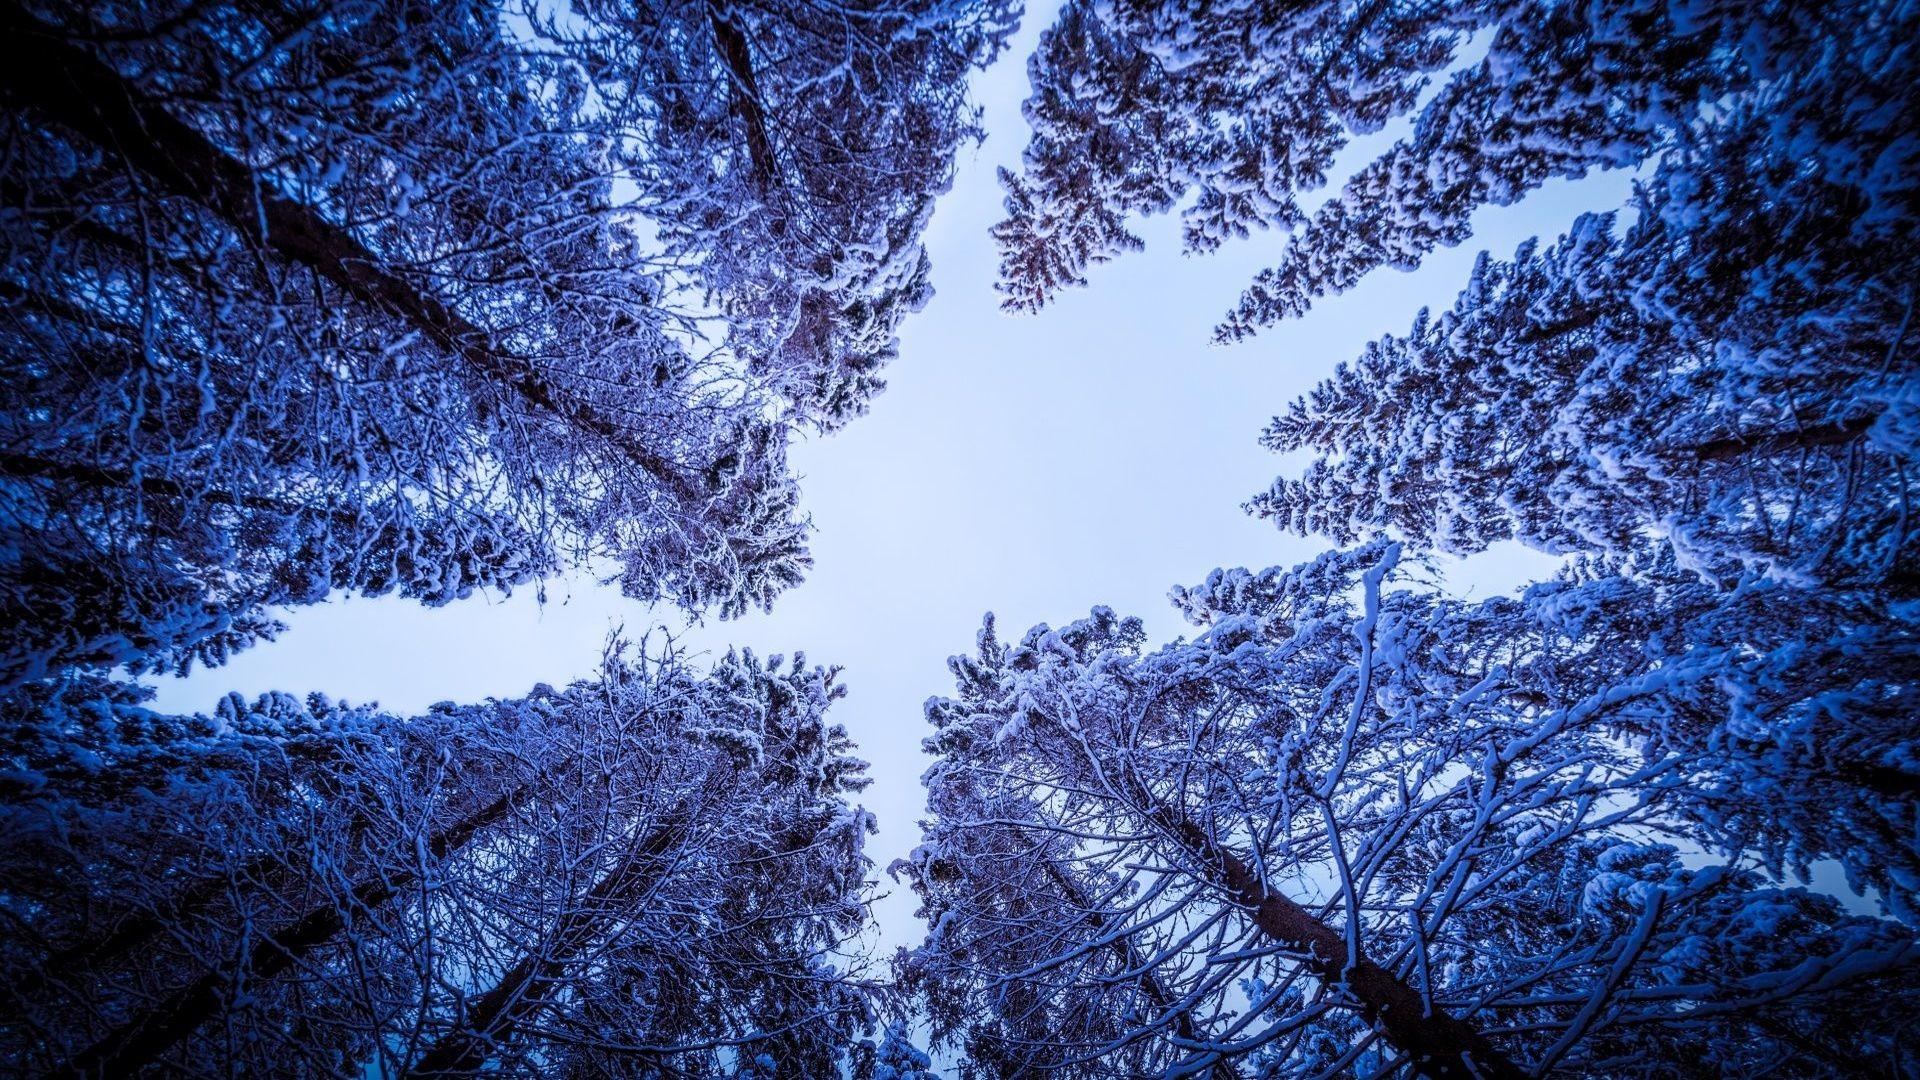 Iphone X See Through Wallpaper Hd Die 72 Besten Schnee Hintergrundbilder